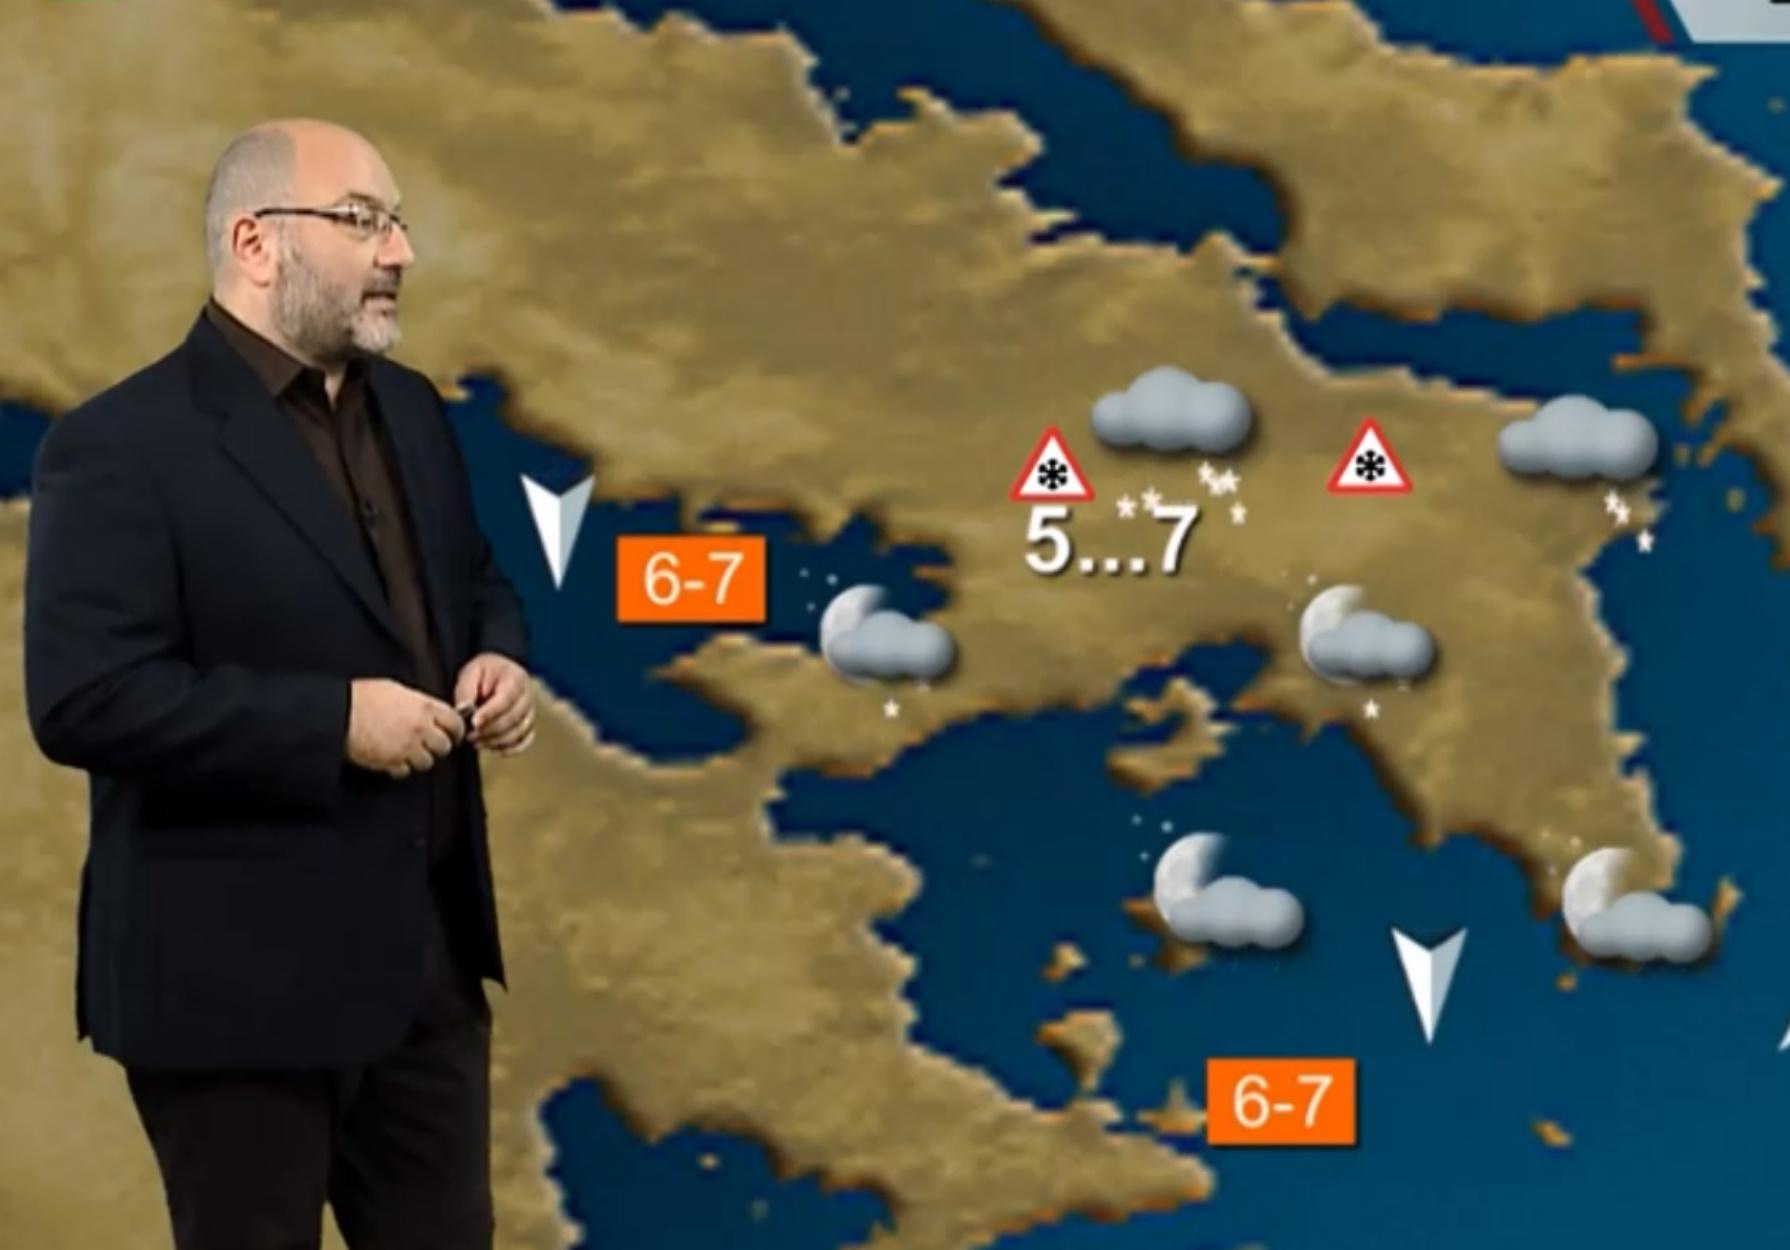 Καιρός Αρναούτολου: Που και πότε θα χιονίσει σε Αθήνα και Θεσσαλονίκη